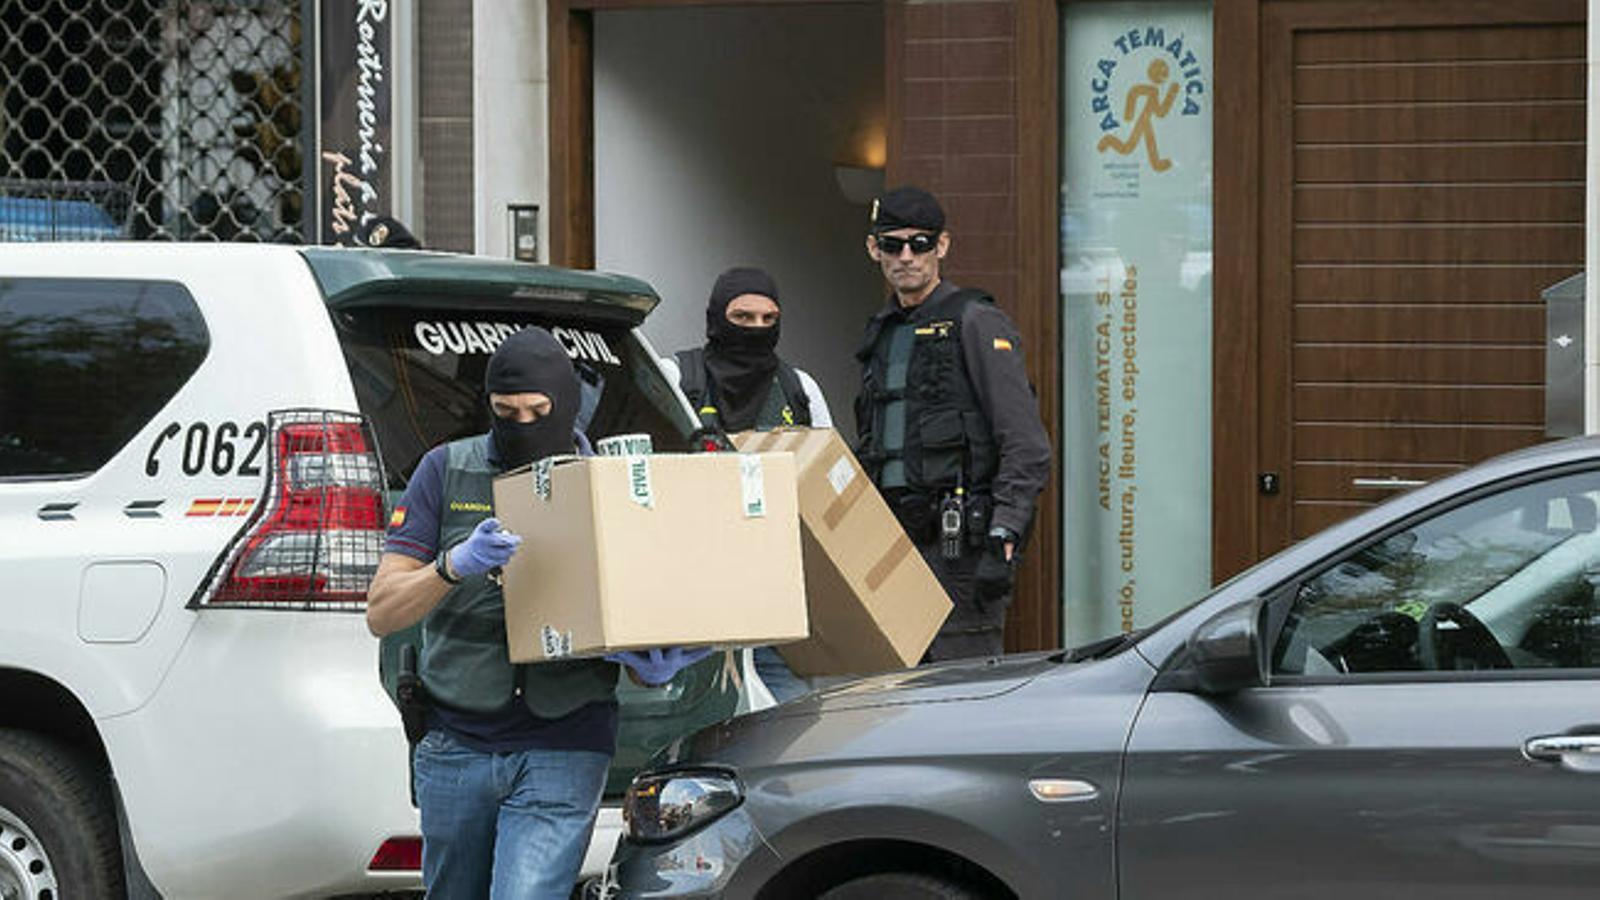 """Els CDR demanen acabar amb les """"acusacions"""" i construir """"plegades"""" la república: """"Serem qui farà tremolar l'enemic"""""""